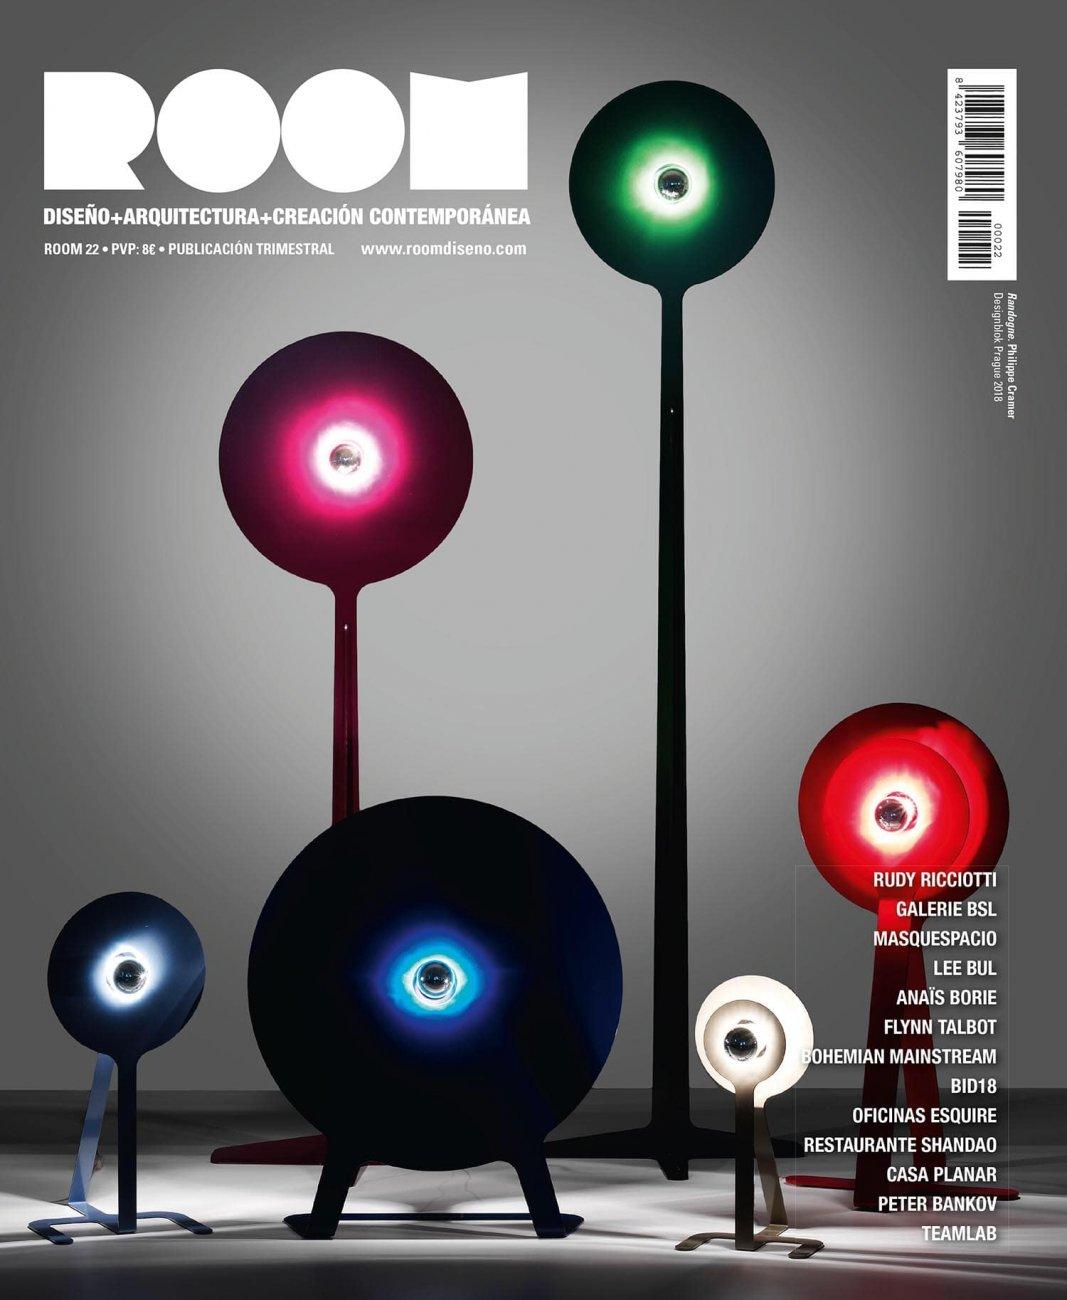 ROOM Diseño / Janvier 2019 / ROOM Diseño